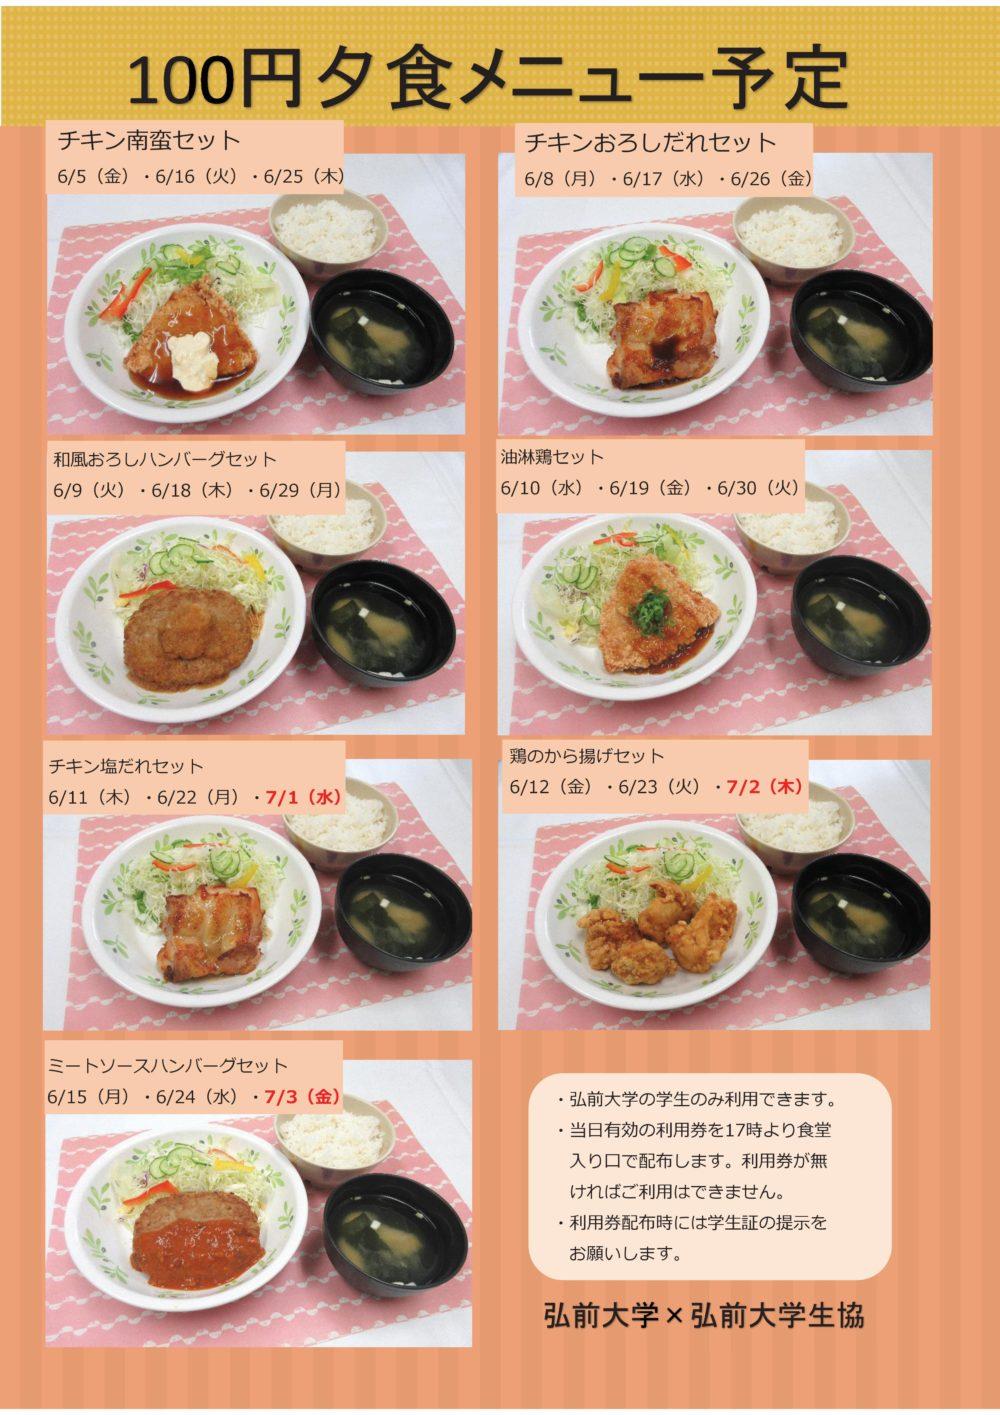 6月の100円夕食メニュー